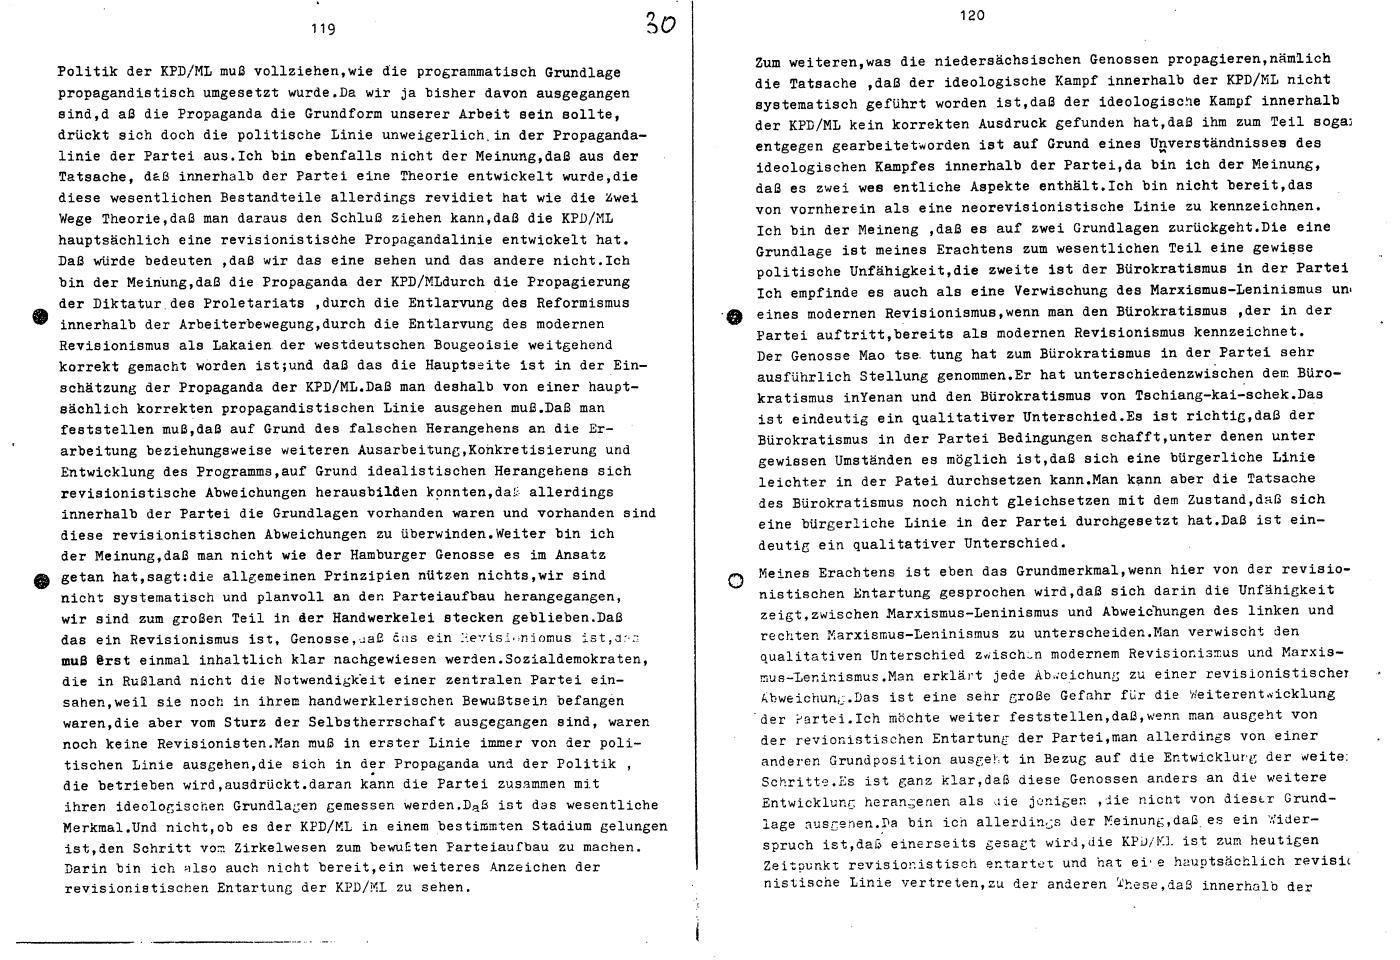 KPDML_1971_Wortprotokolle_aoPt_049